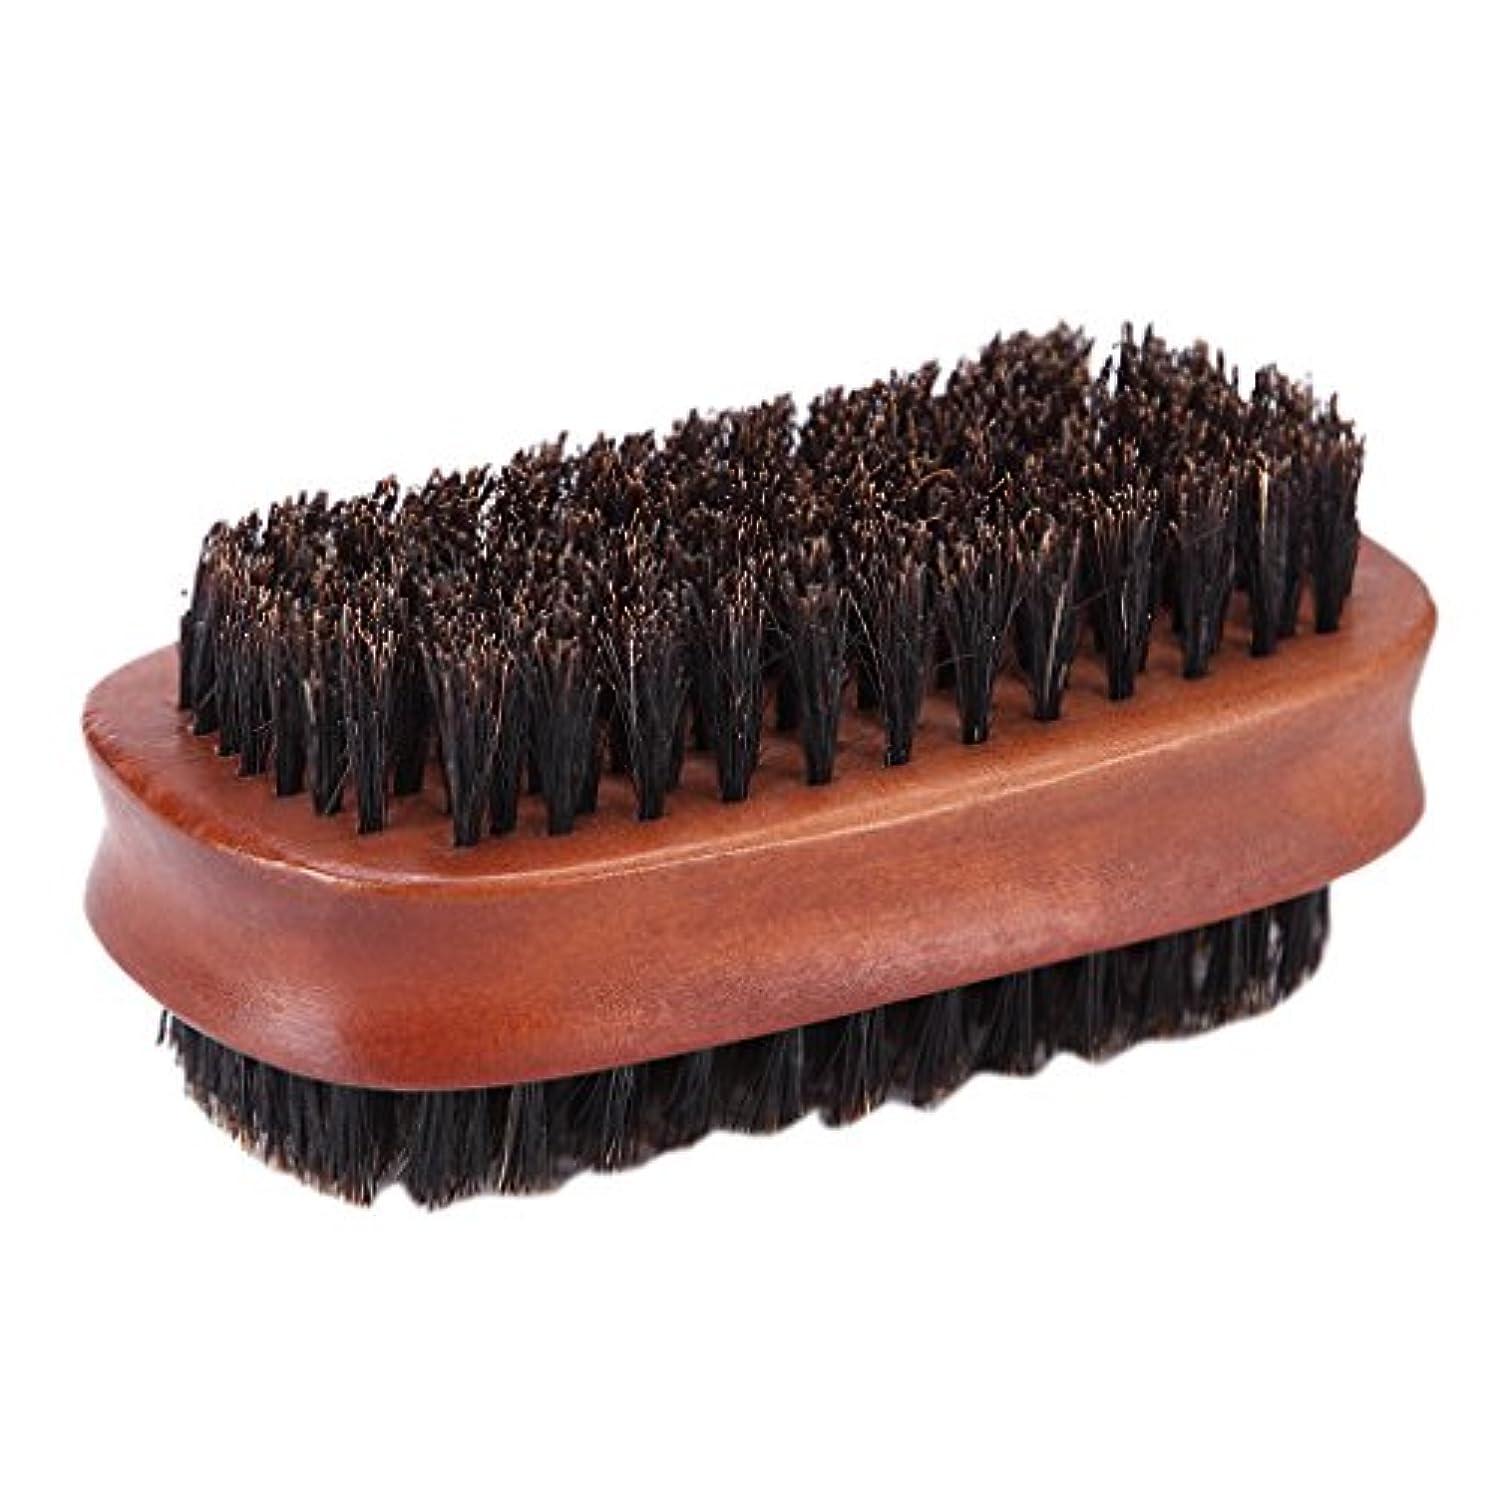 割れ目モンゴメリーリールヘアカット ダスターブラシ 両面ブラシ サロン 散髪 ヘアカット 柔らか 使いやすい